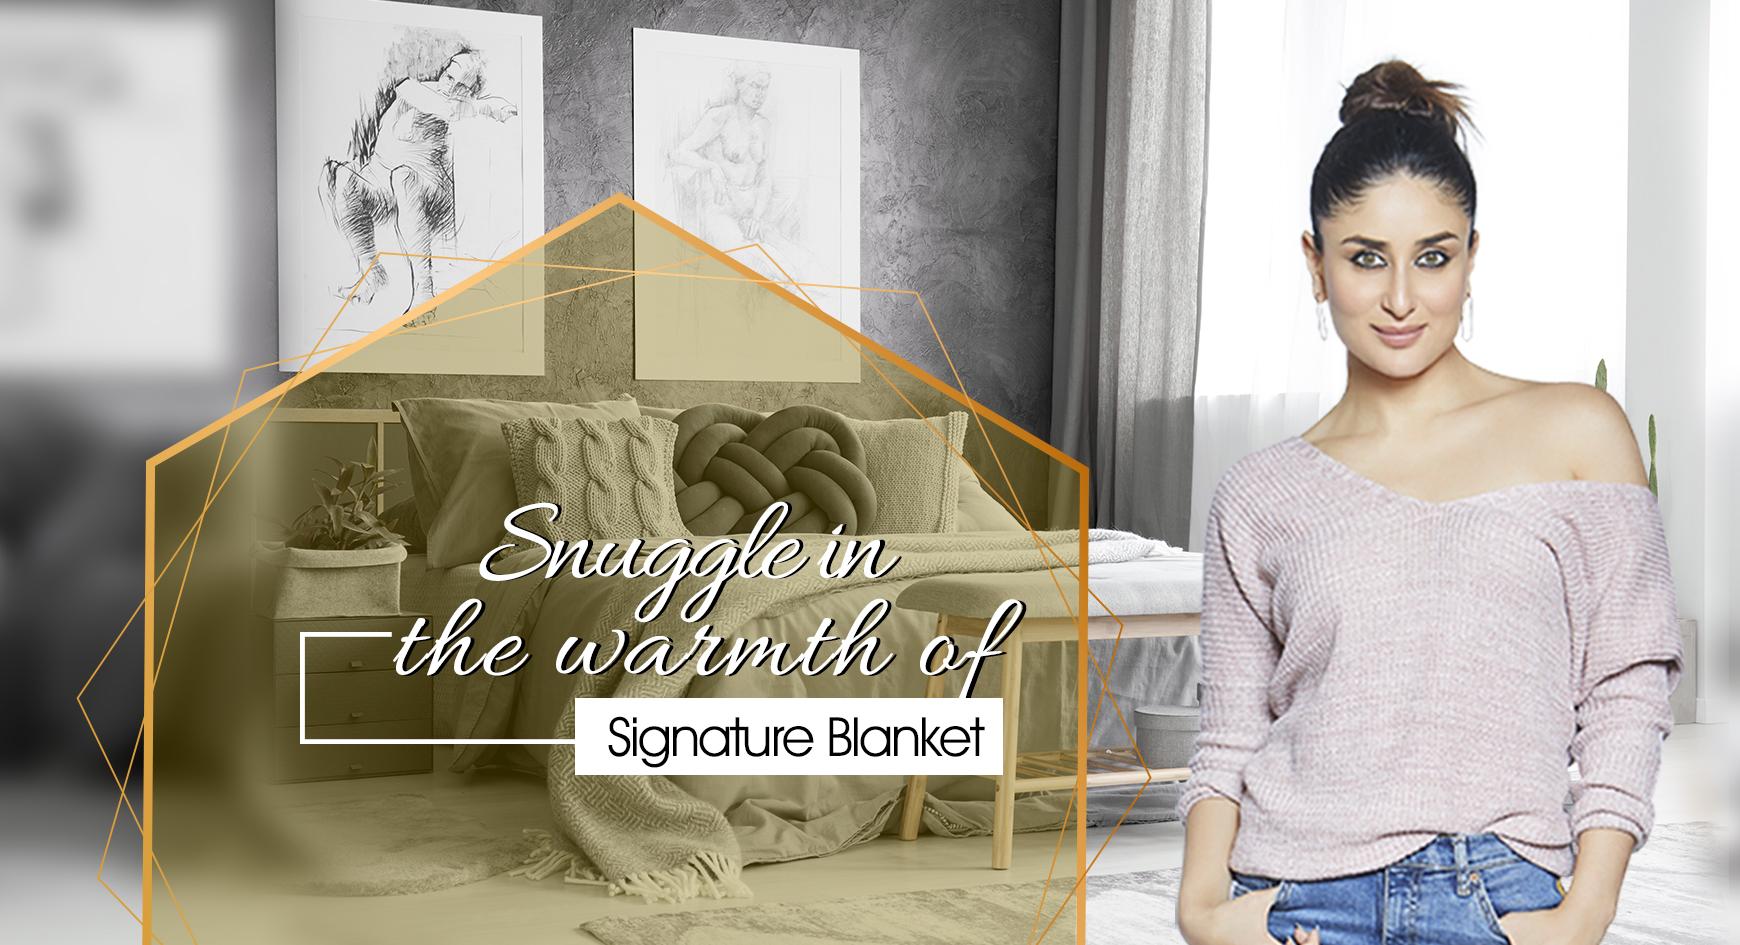 Kareena Kapoor : Signature Blanket TVC Ad || Haldi, Mehndi & Shaadi Songs (2019)